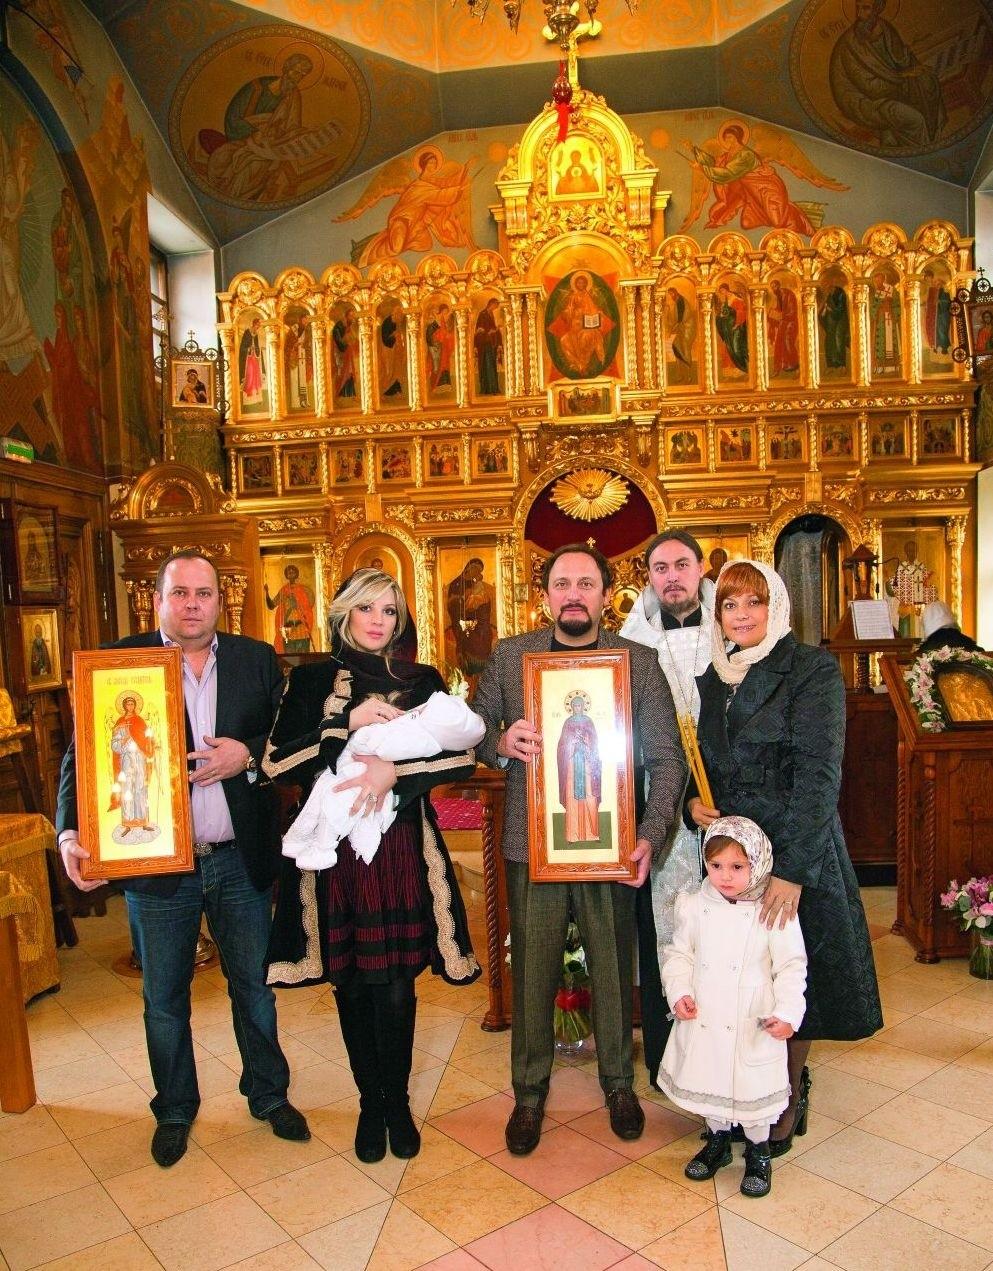 """Жена Стаса Михайлова: """"Я в шоке после сюжета о нашей семье и требую извинений!"""", картинка, фото, изображение"""